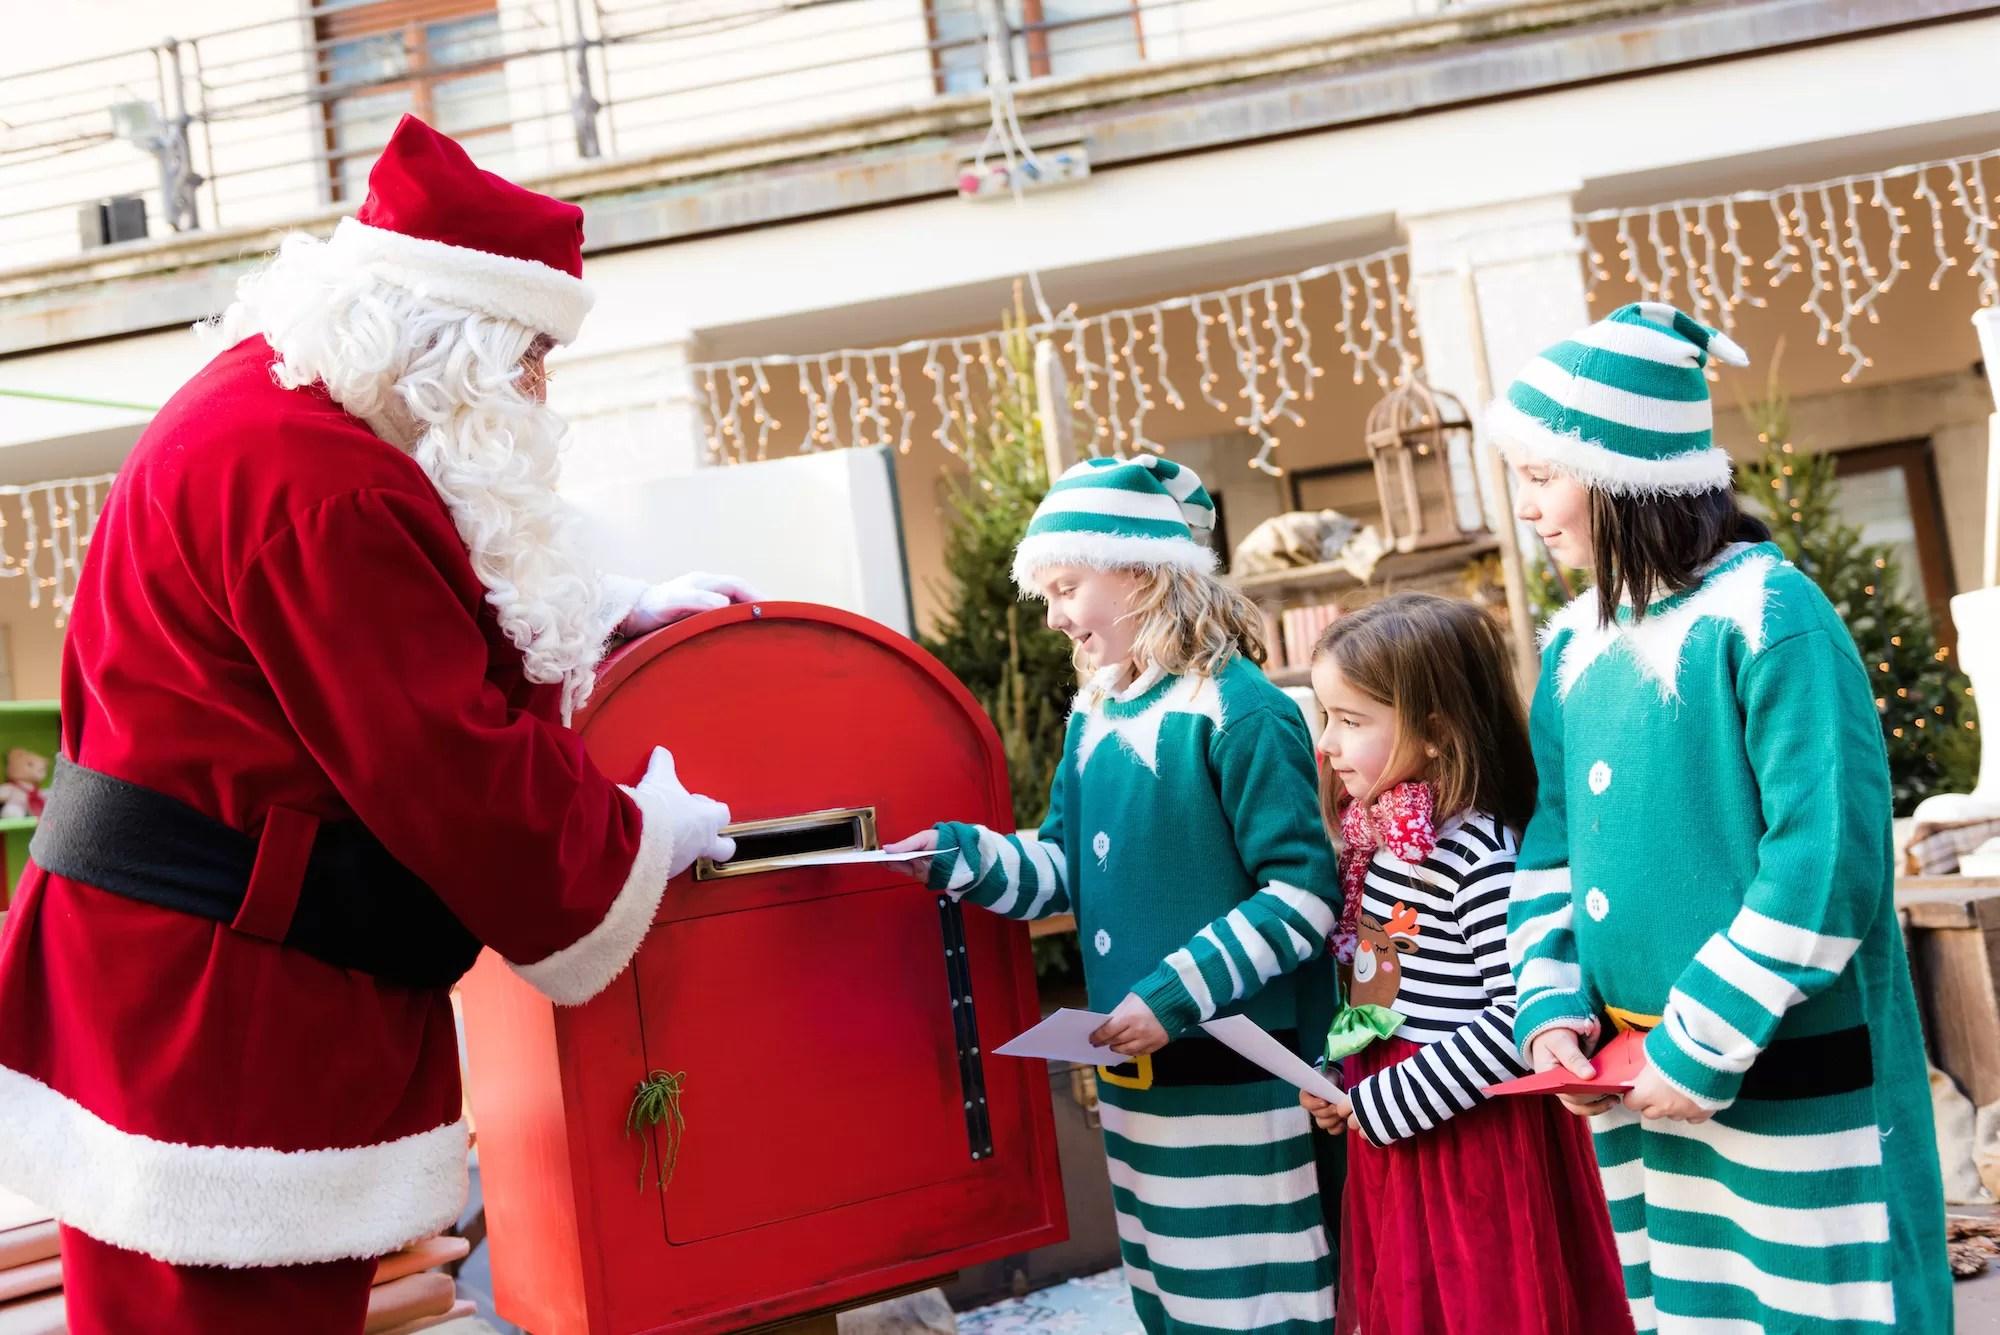 Sito Di Babbo Natale.La Casa Di Babbo Natale A Riva Del Garda Dersutmag